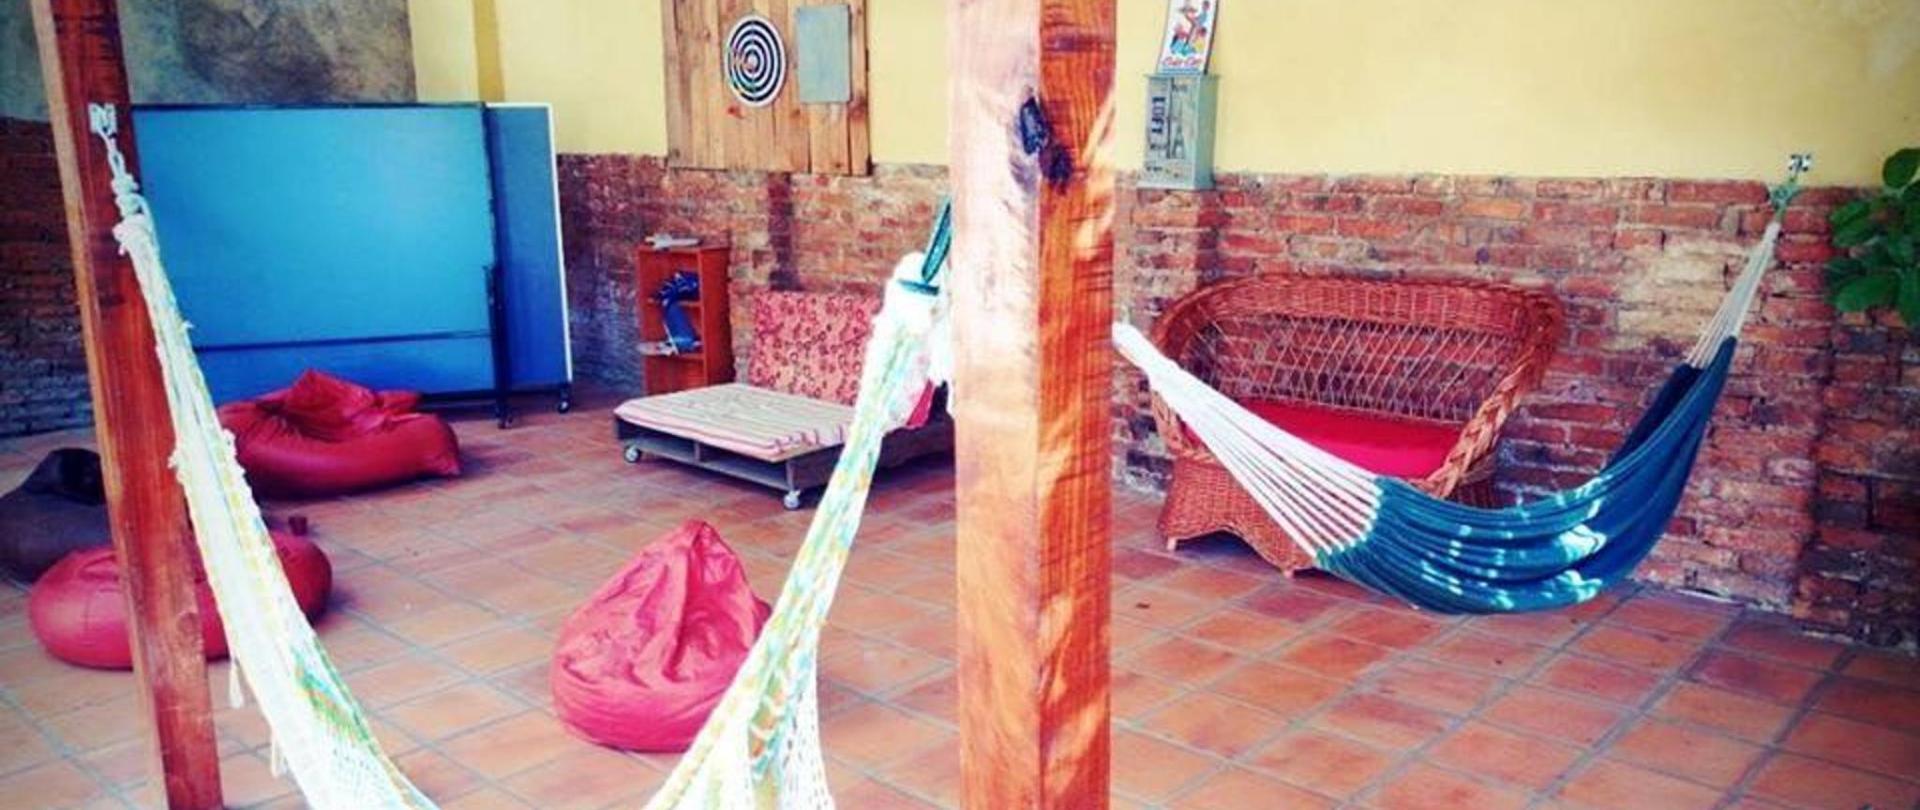 sala-de-juegos-hostel-asuncion-nomada.jpg